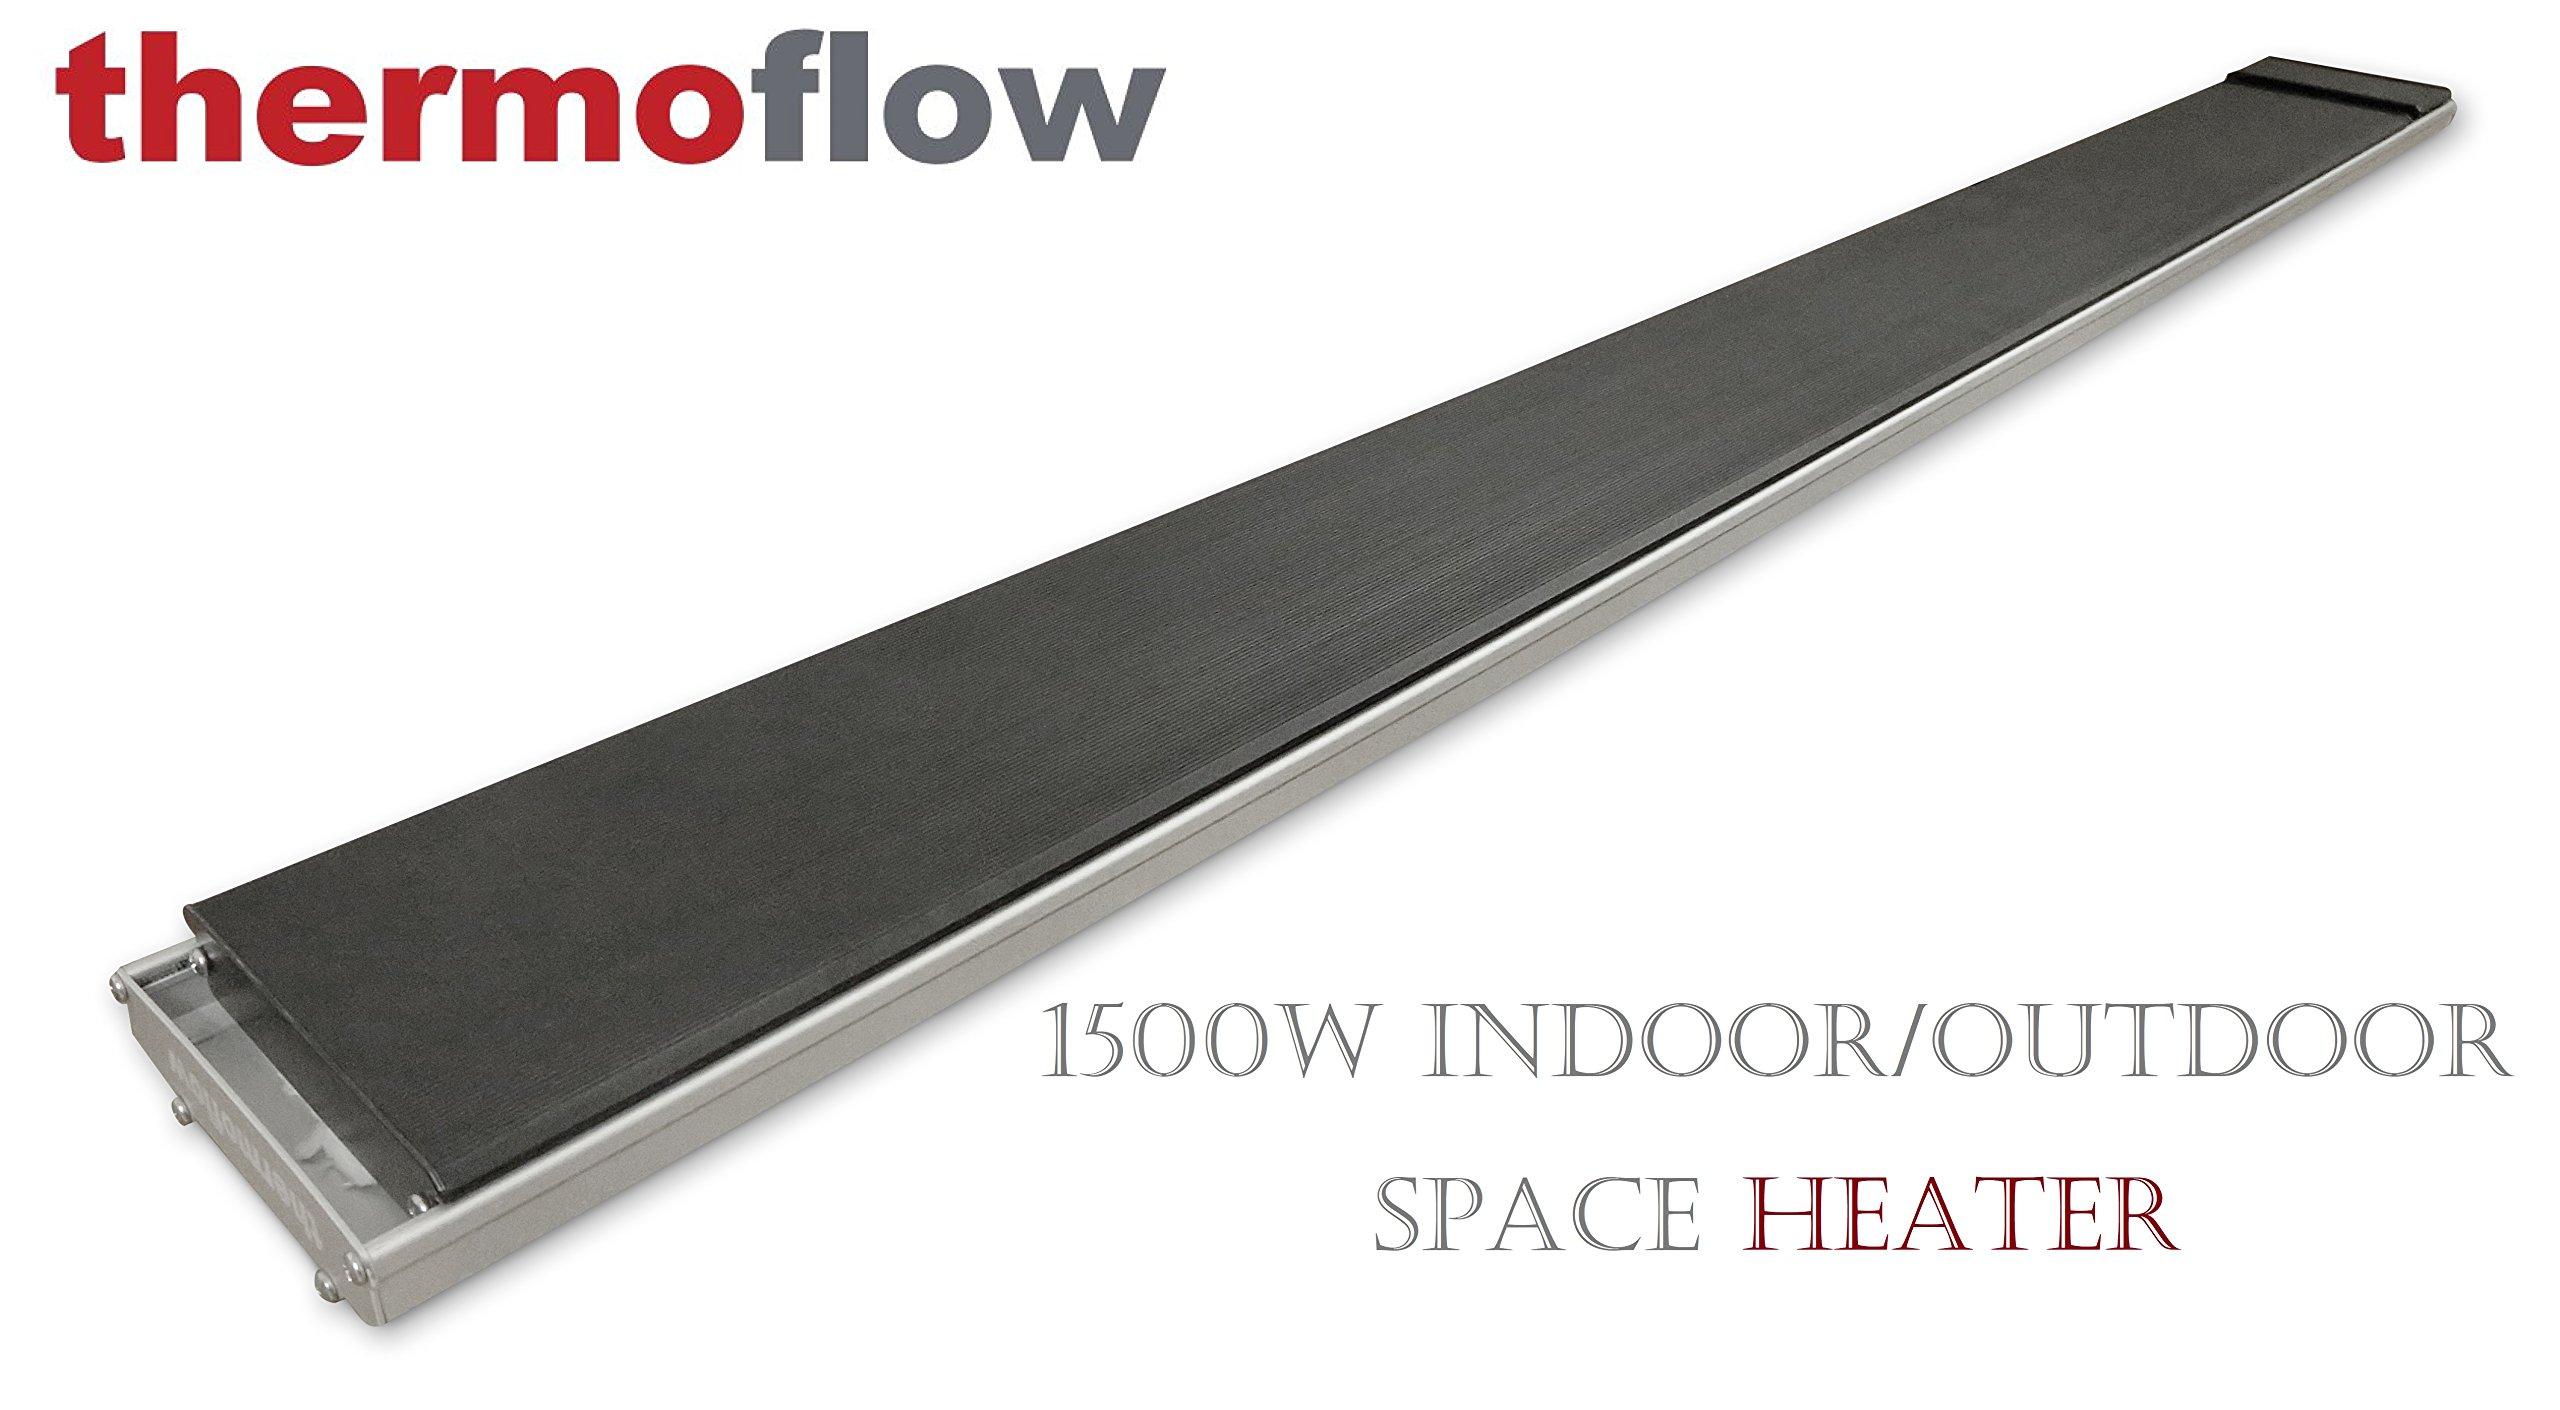 1500W Indoor/Outdoor Infrared Heater - Electrical Outdoor Heater Panel 1500 Watts - NO GLOW, JUST LUXURIOUS HEAT!